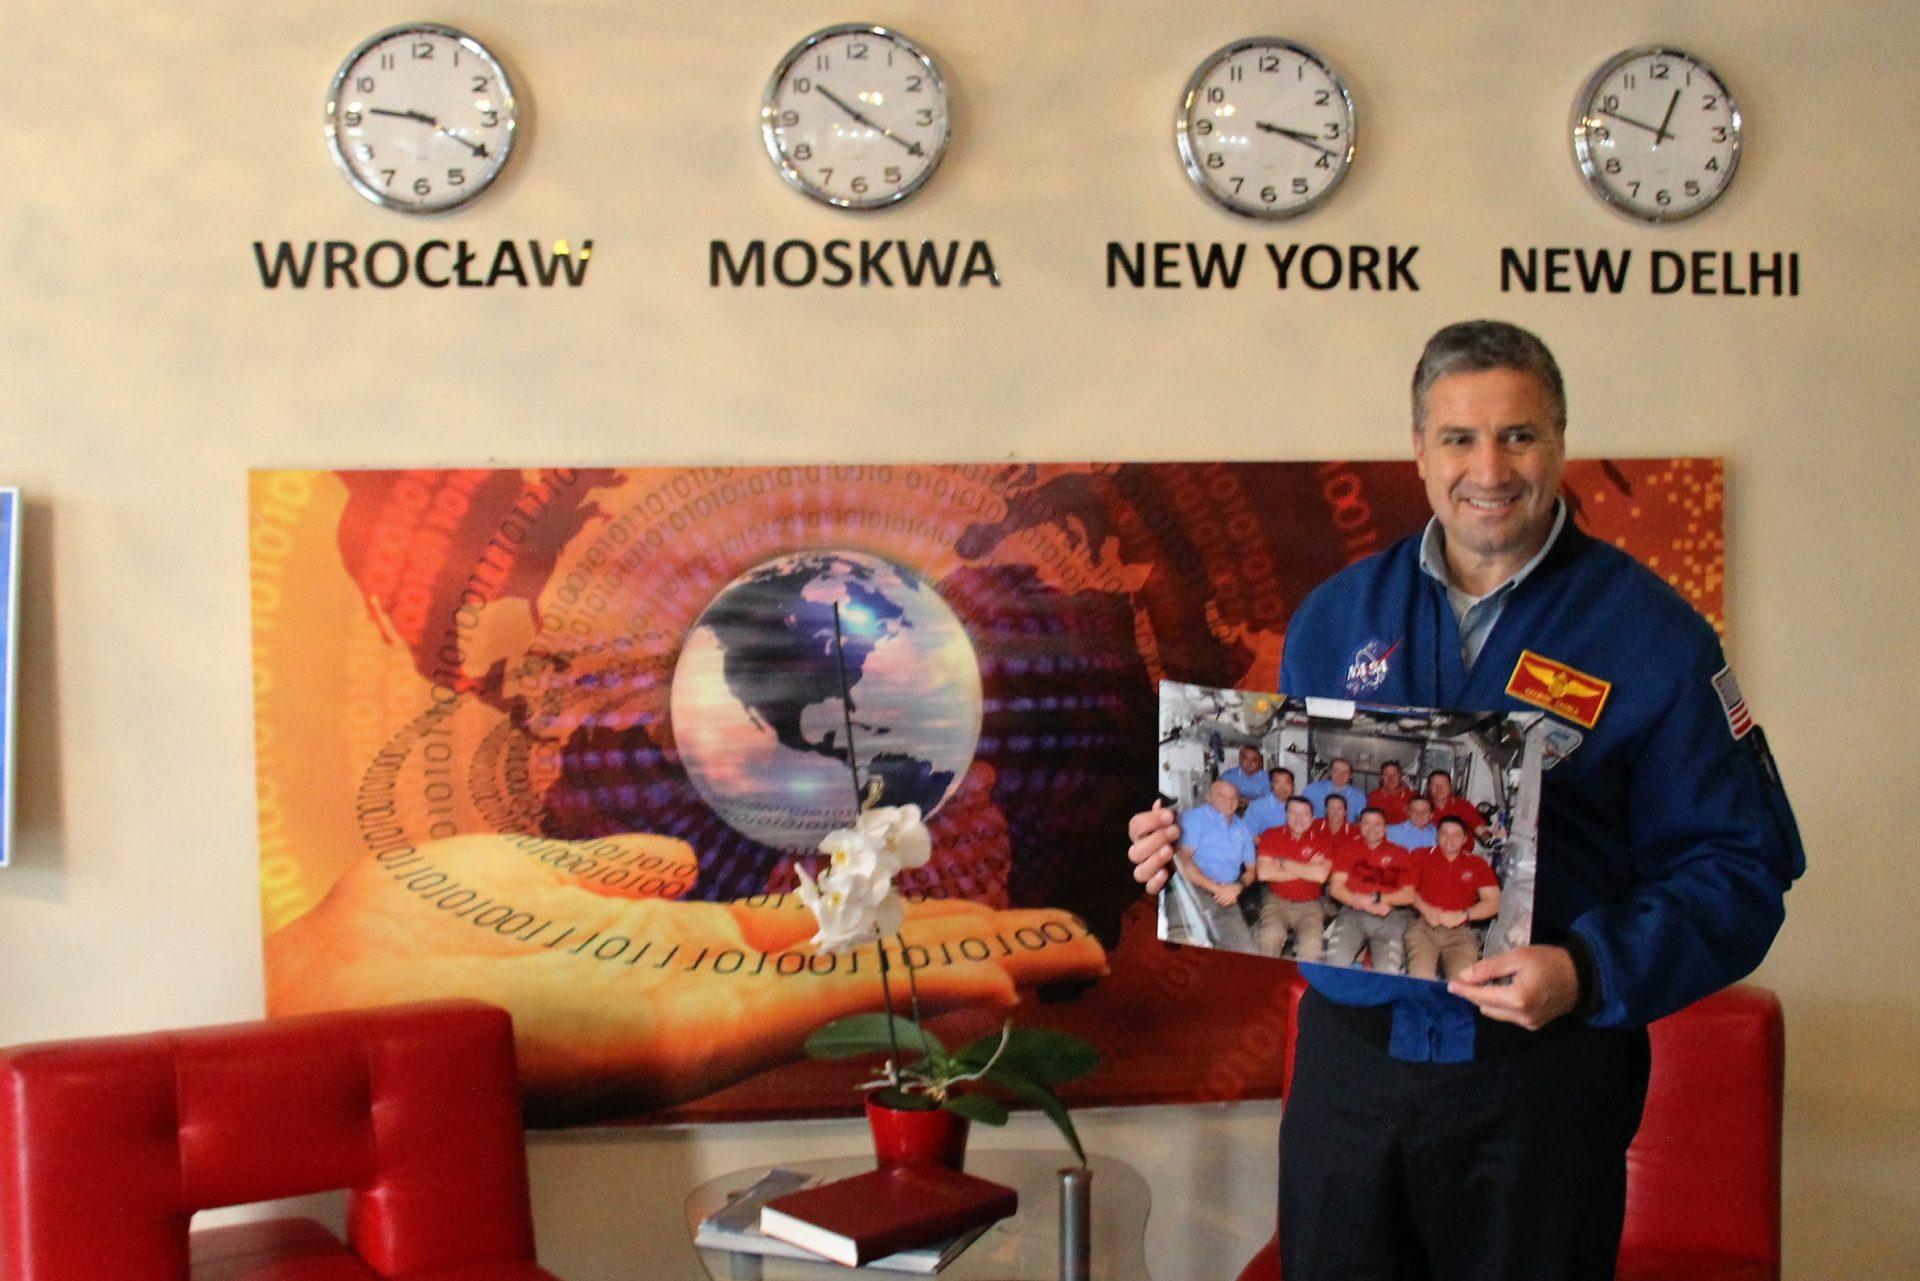 george-zamka-amerykanski-astronauta-09-10-2016-wroclaw